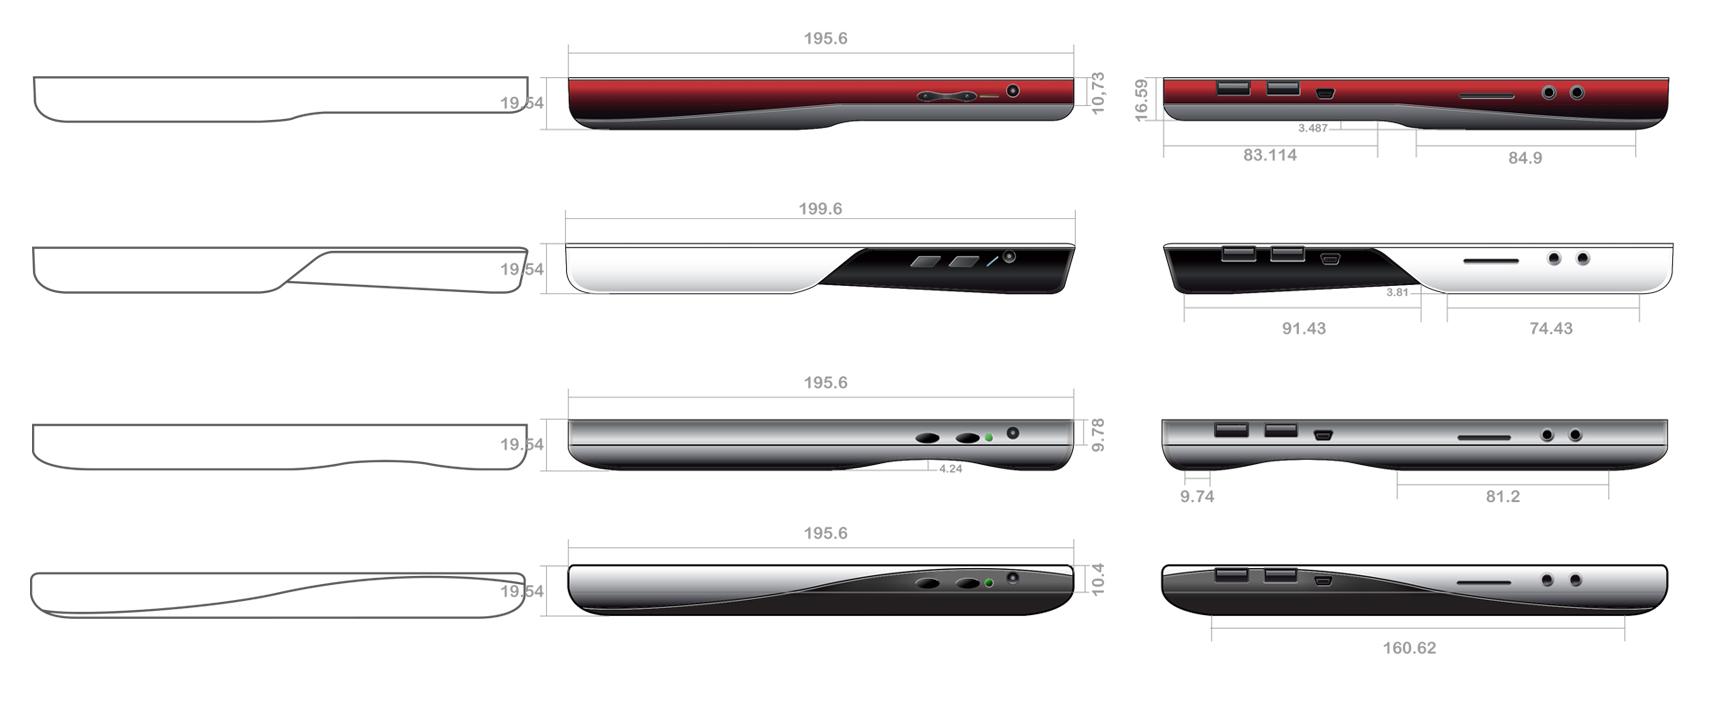 Wipro Tablet four concepts Side View Comparison concept development